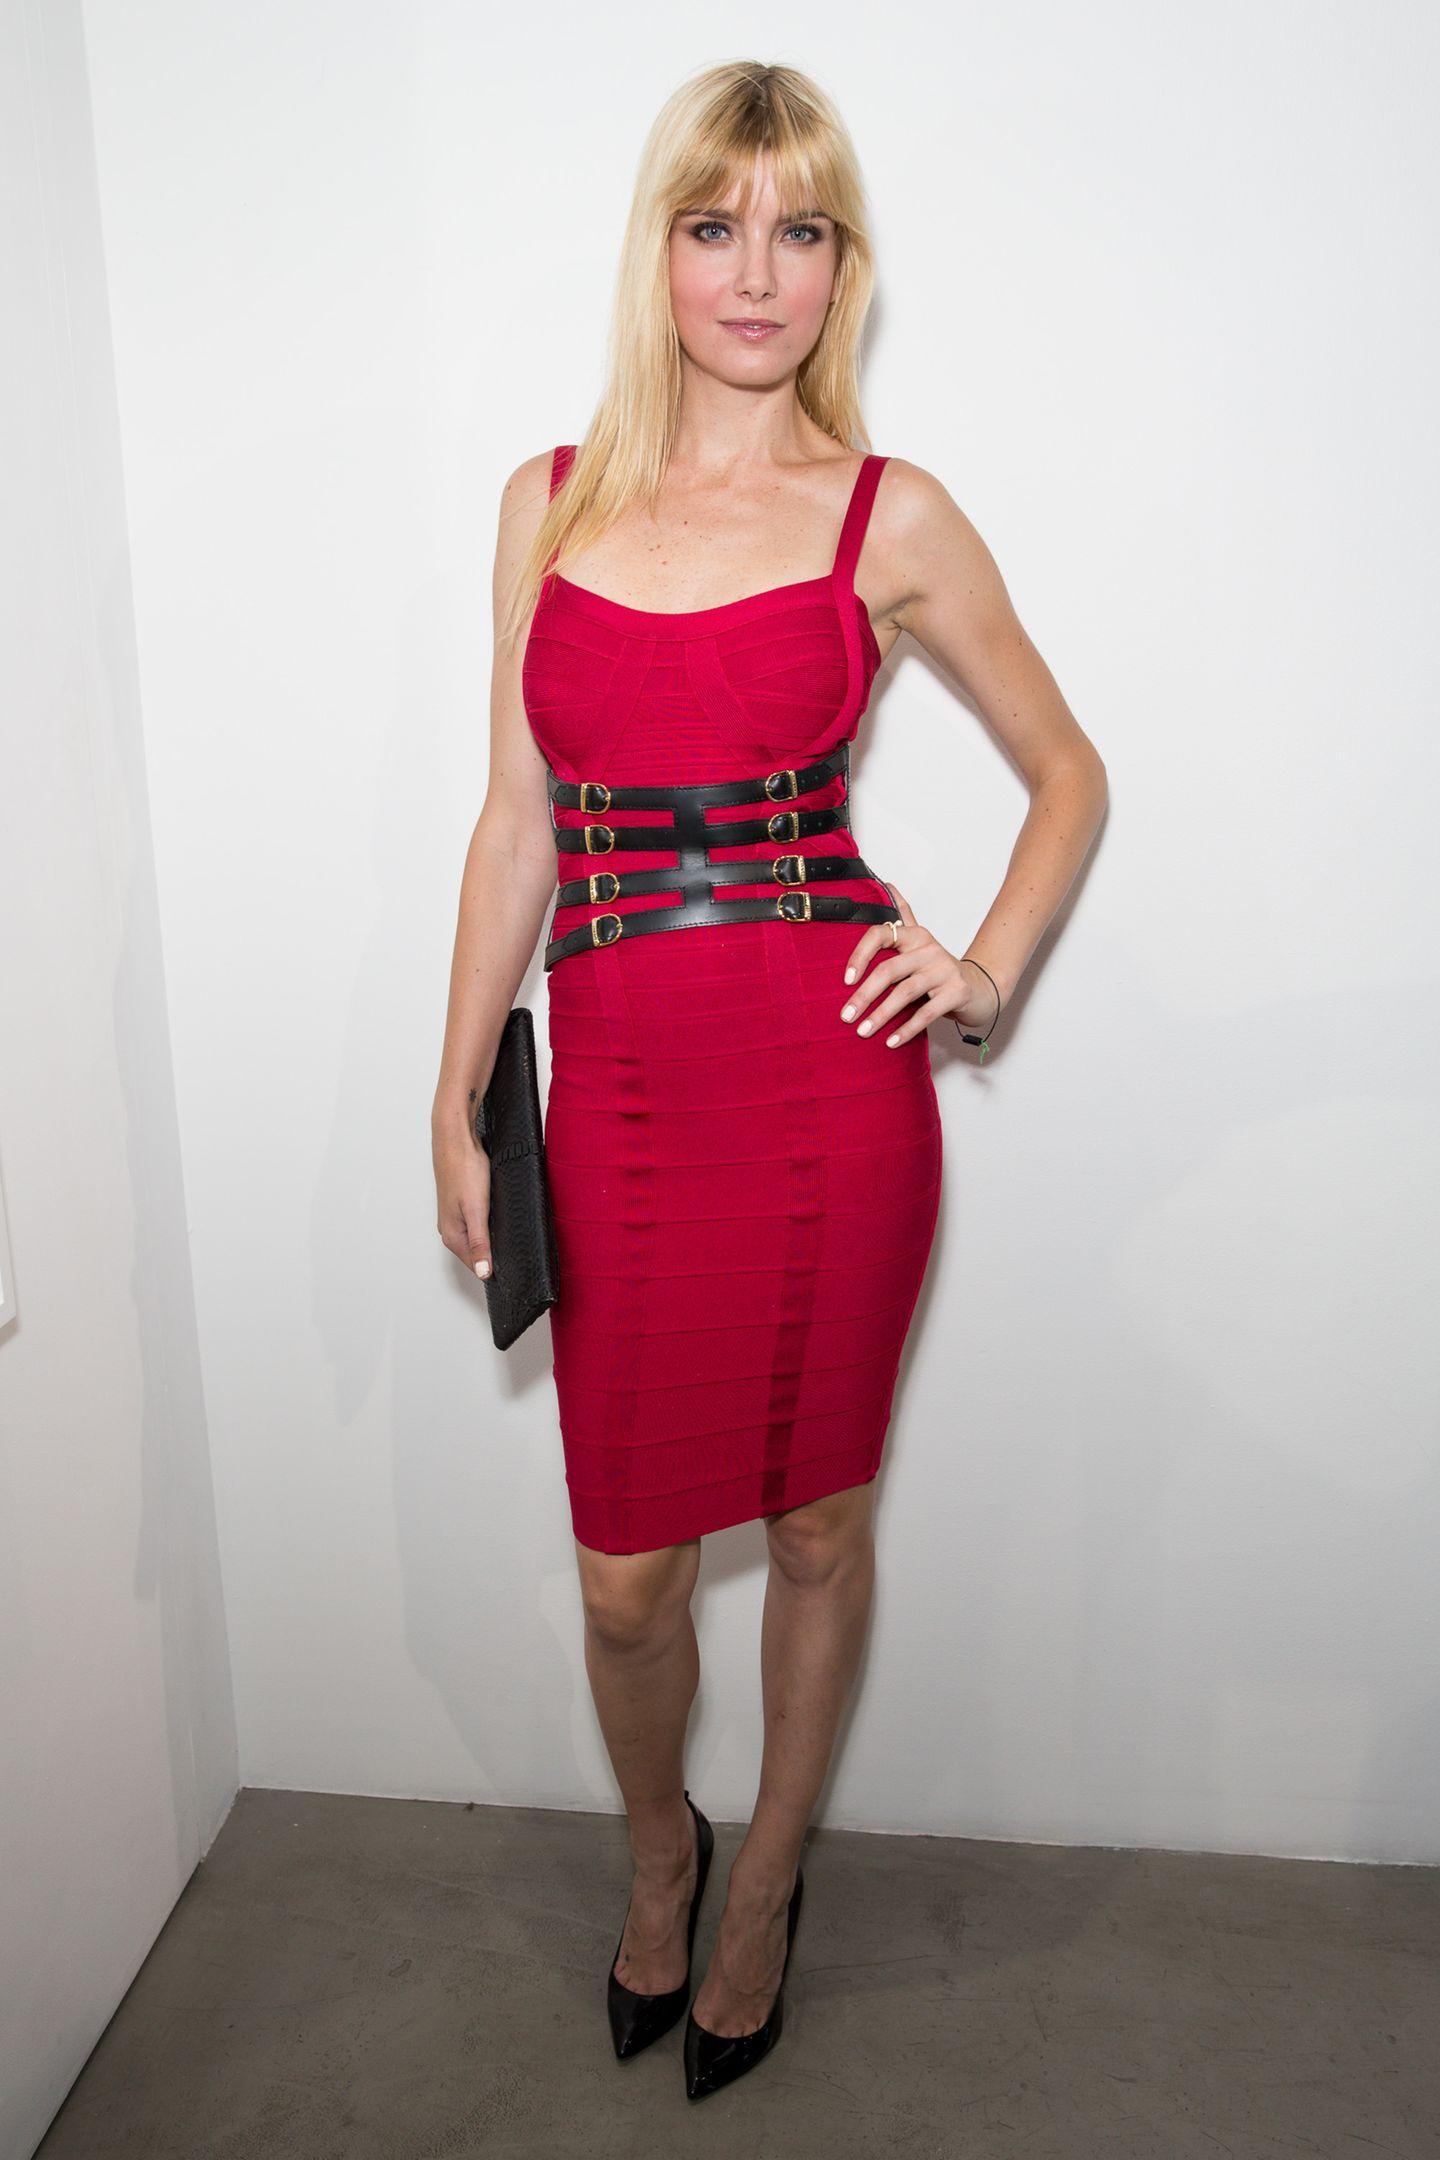 Hingucker in Knallrot: Model Eugenia Kuzmina trägt ein Bandage-Dress mit dünnen Trägern und dazu einen auffälligen schwarzen Taillengürtel.